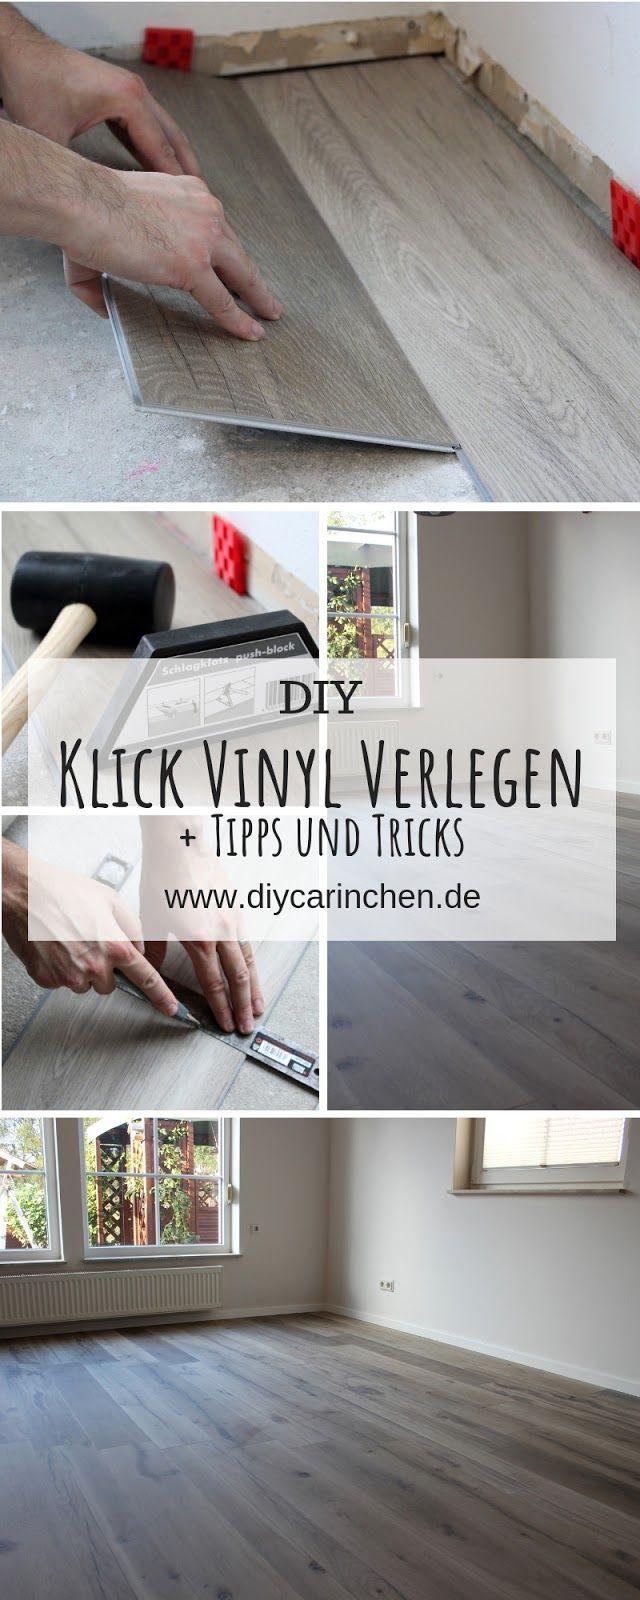 diy klick vinyl richtig verlegen mit ausf hrlicher anleitung tipps und tricks alle diys. Black Bedroom Furniture Sets. Home Design Ideas